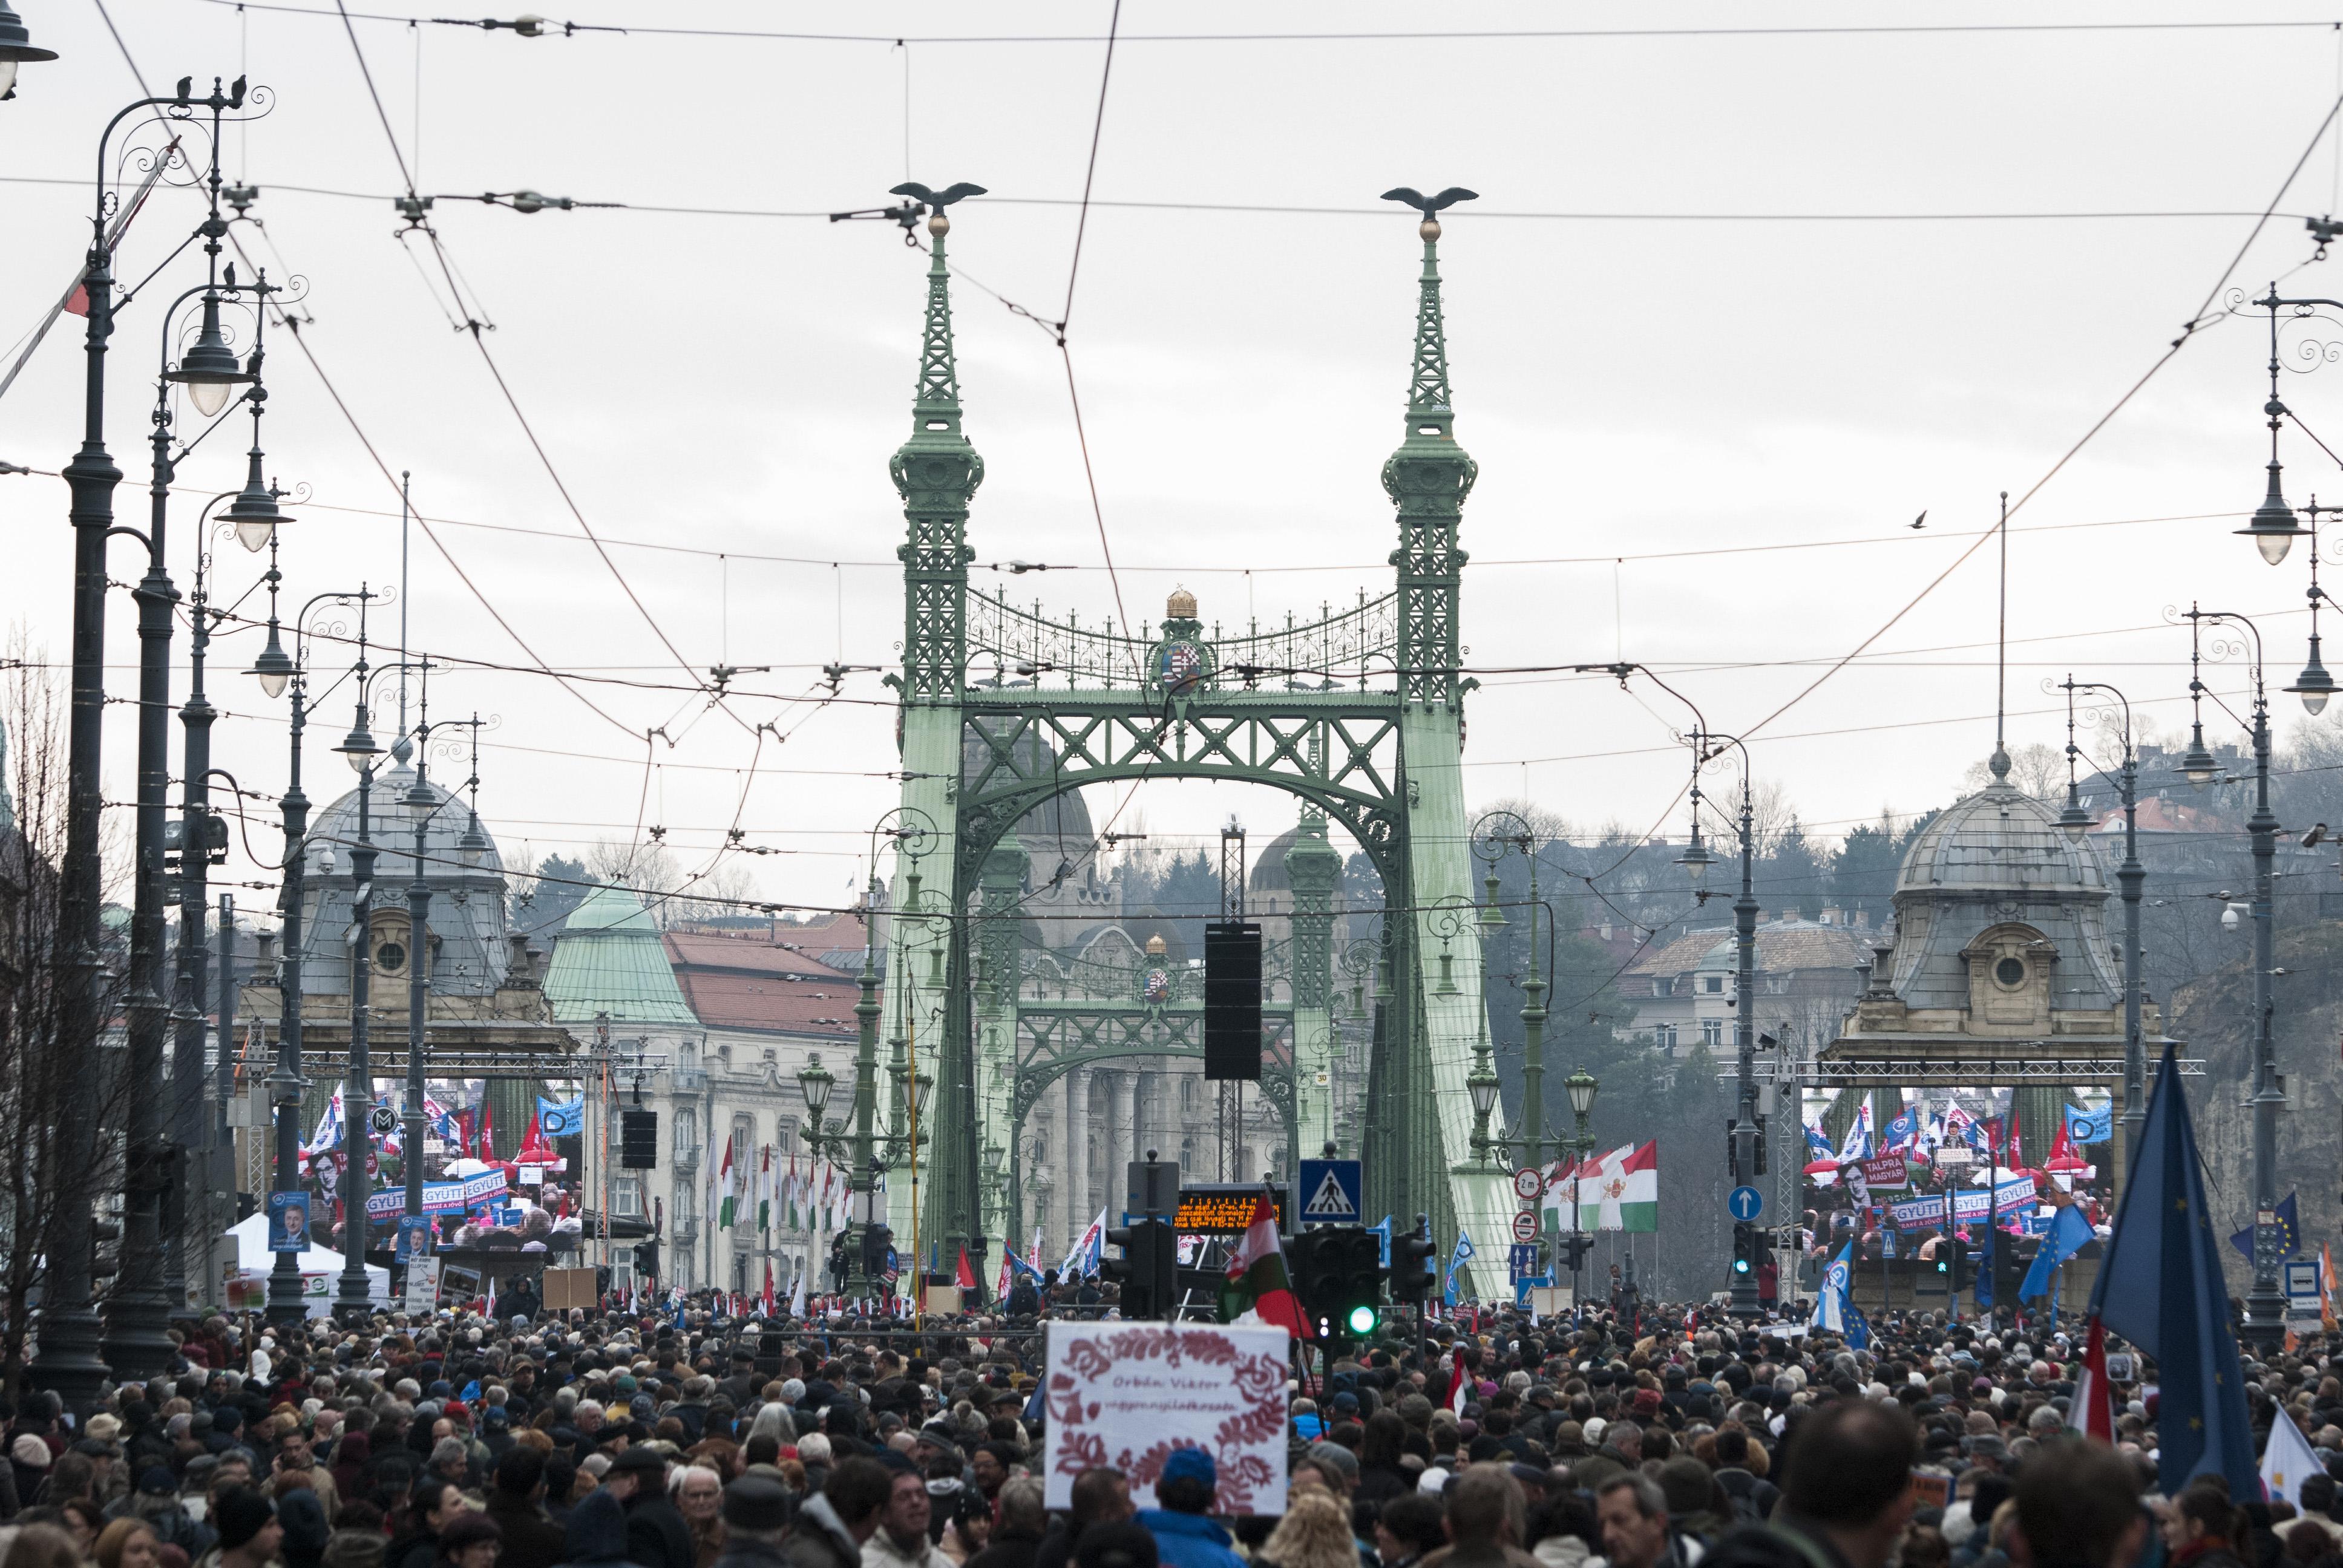 """""""A megállapodás nem lehetőség, hanem kötelesség"""" – tüntetett az ellenzék"""